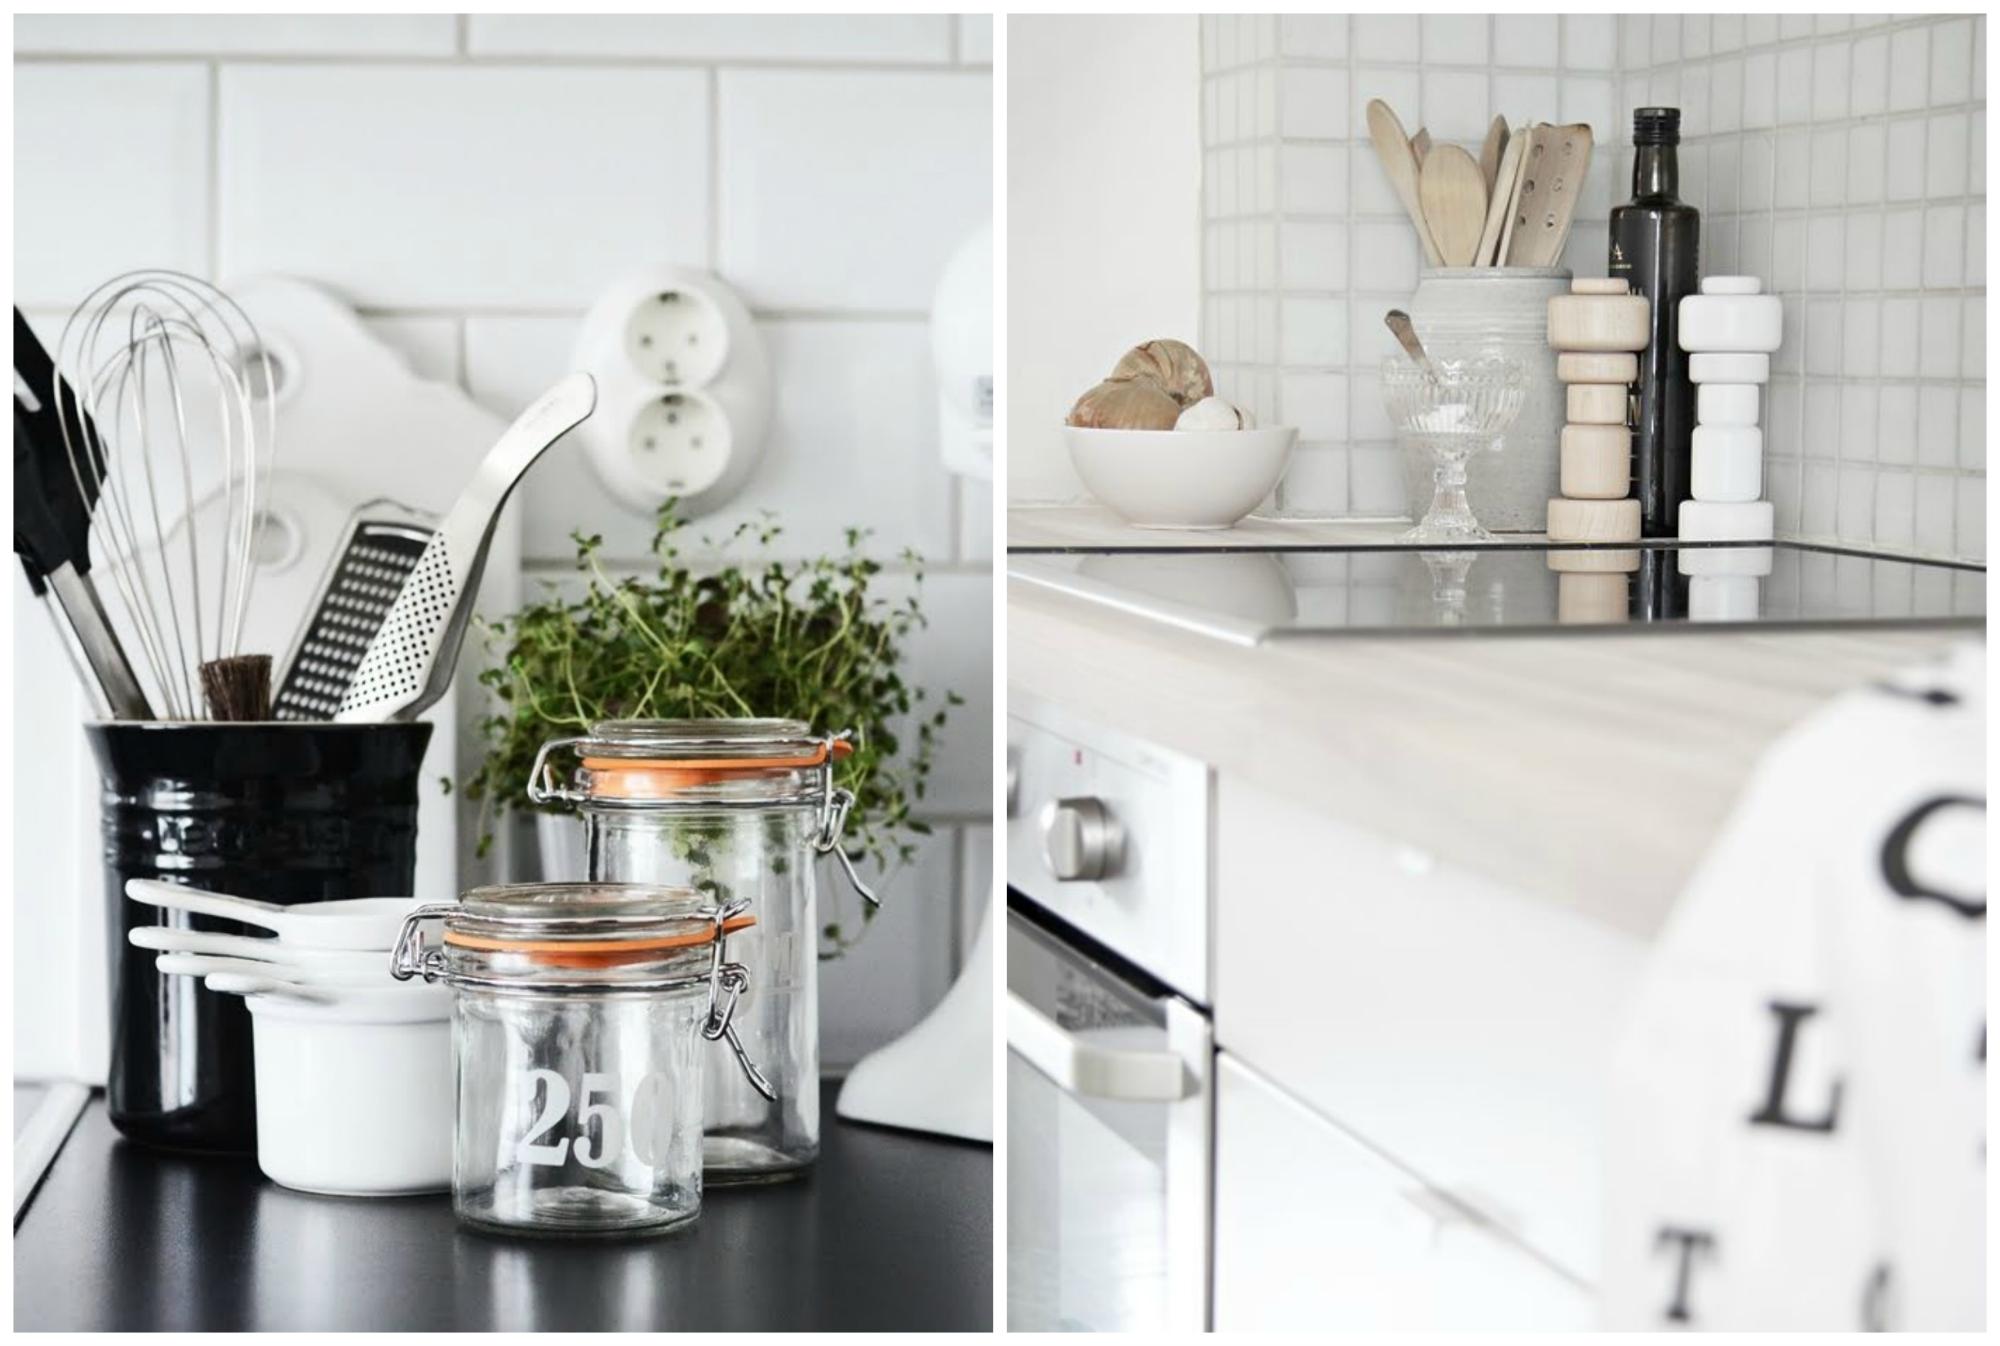 pojemniki do przechowywania w kuchni